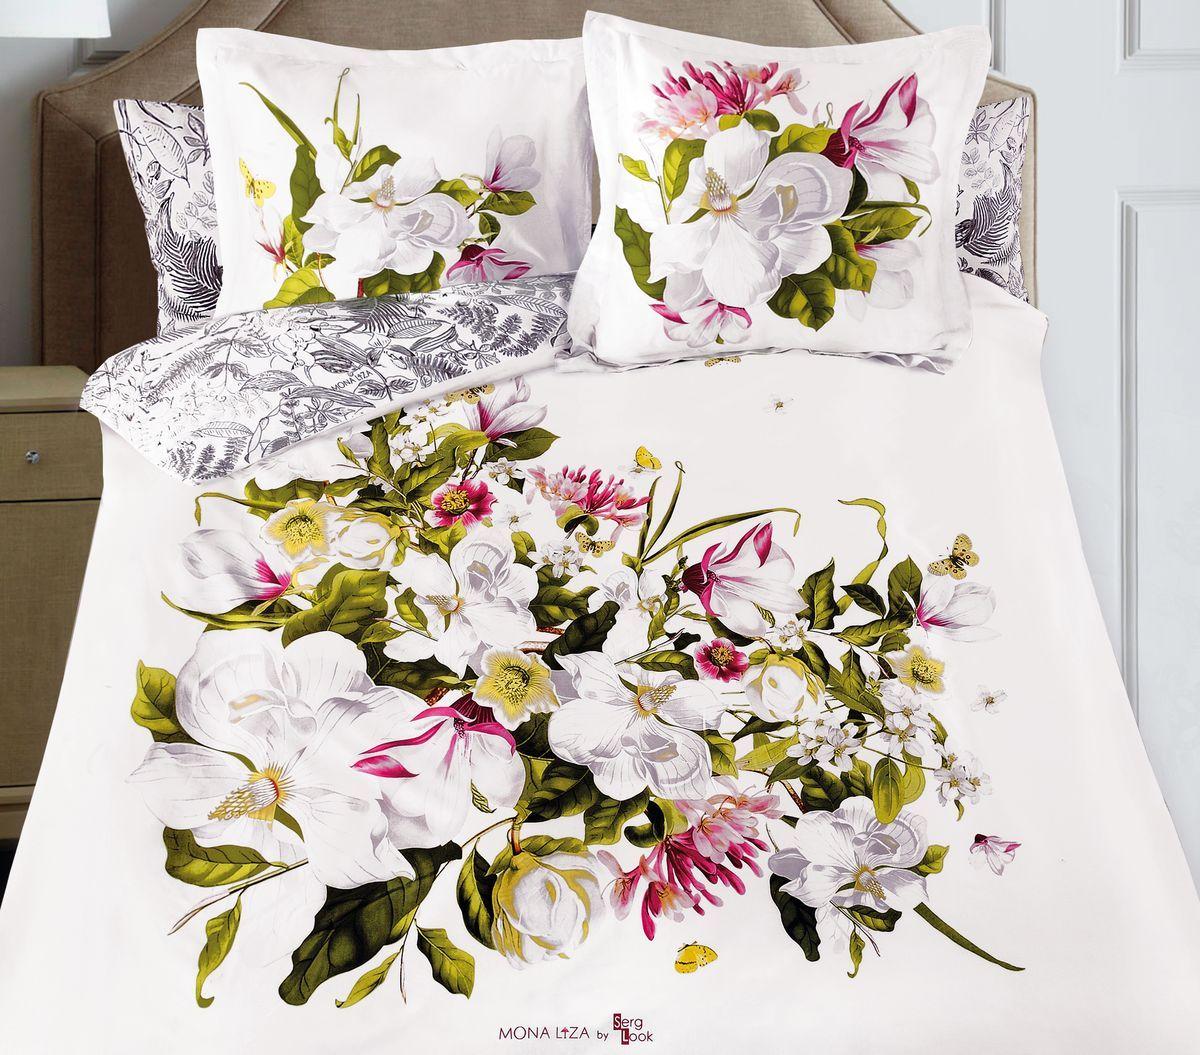 Комплект белья Mona Liza Magnolia, евро, наволочки 50x70 и 70x709/8Флоральные мотивы редких экзотических цветов, переведенные в паттерн, позаимствованы из путешествий по тропическим лесам, будоражат воображение природными сочетаниями цветовых палитр и роскошью принтов. Коллекция принесет в ваш дом незабываемое настроение и добавит колорит. Высококачественный сатин окутает и позволит раствориться в мечтах о дальних жарких странах и окунуться во время вечного лета!